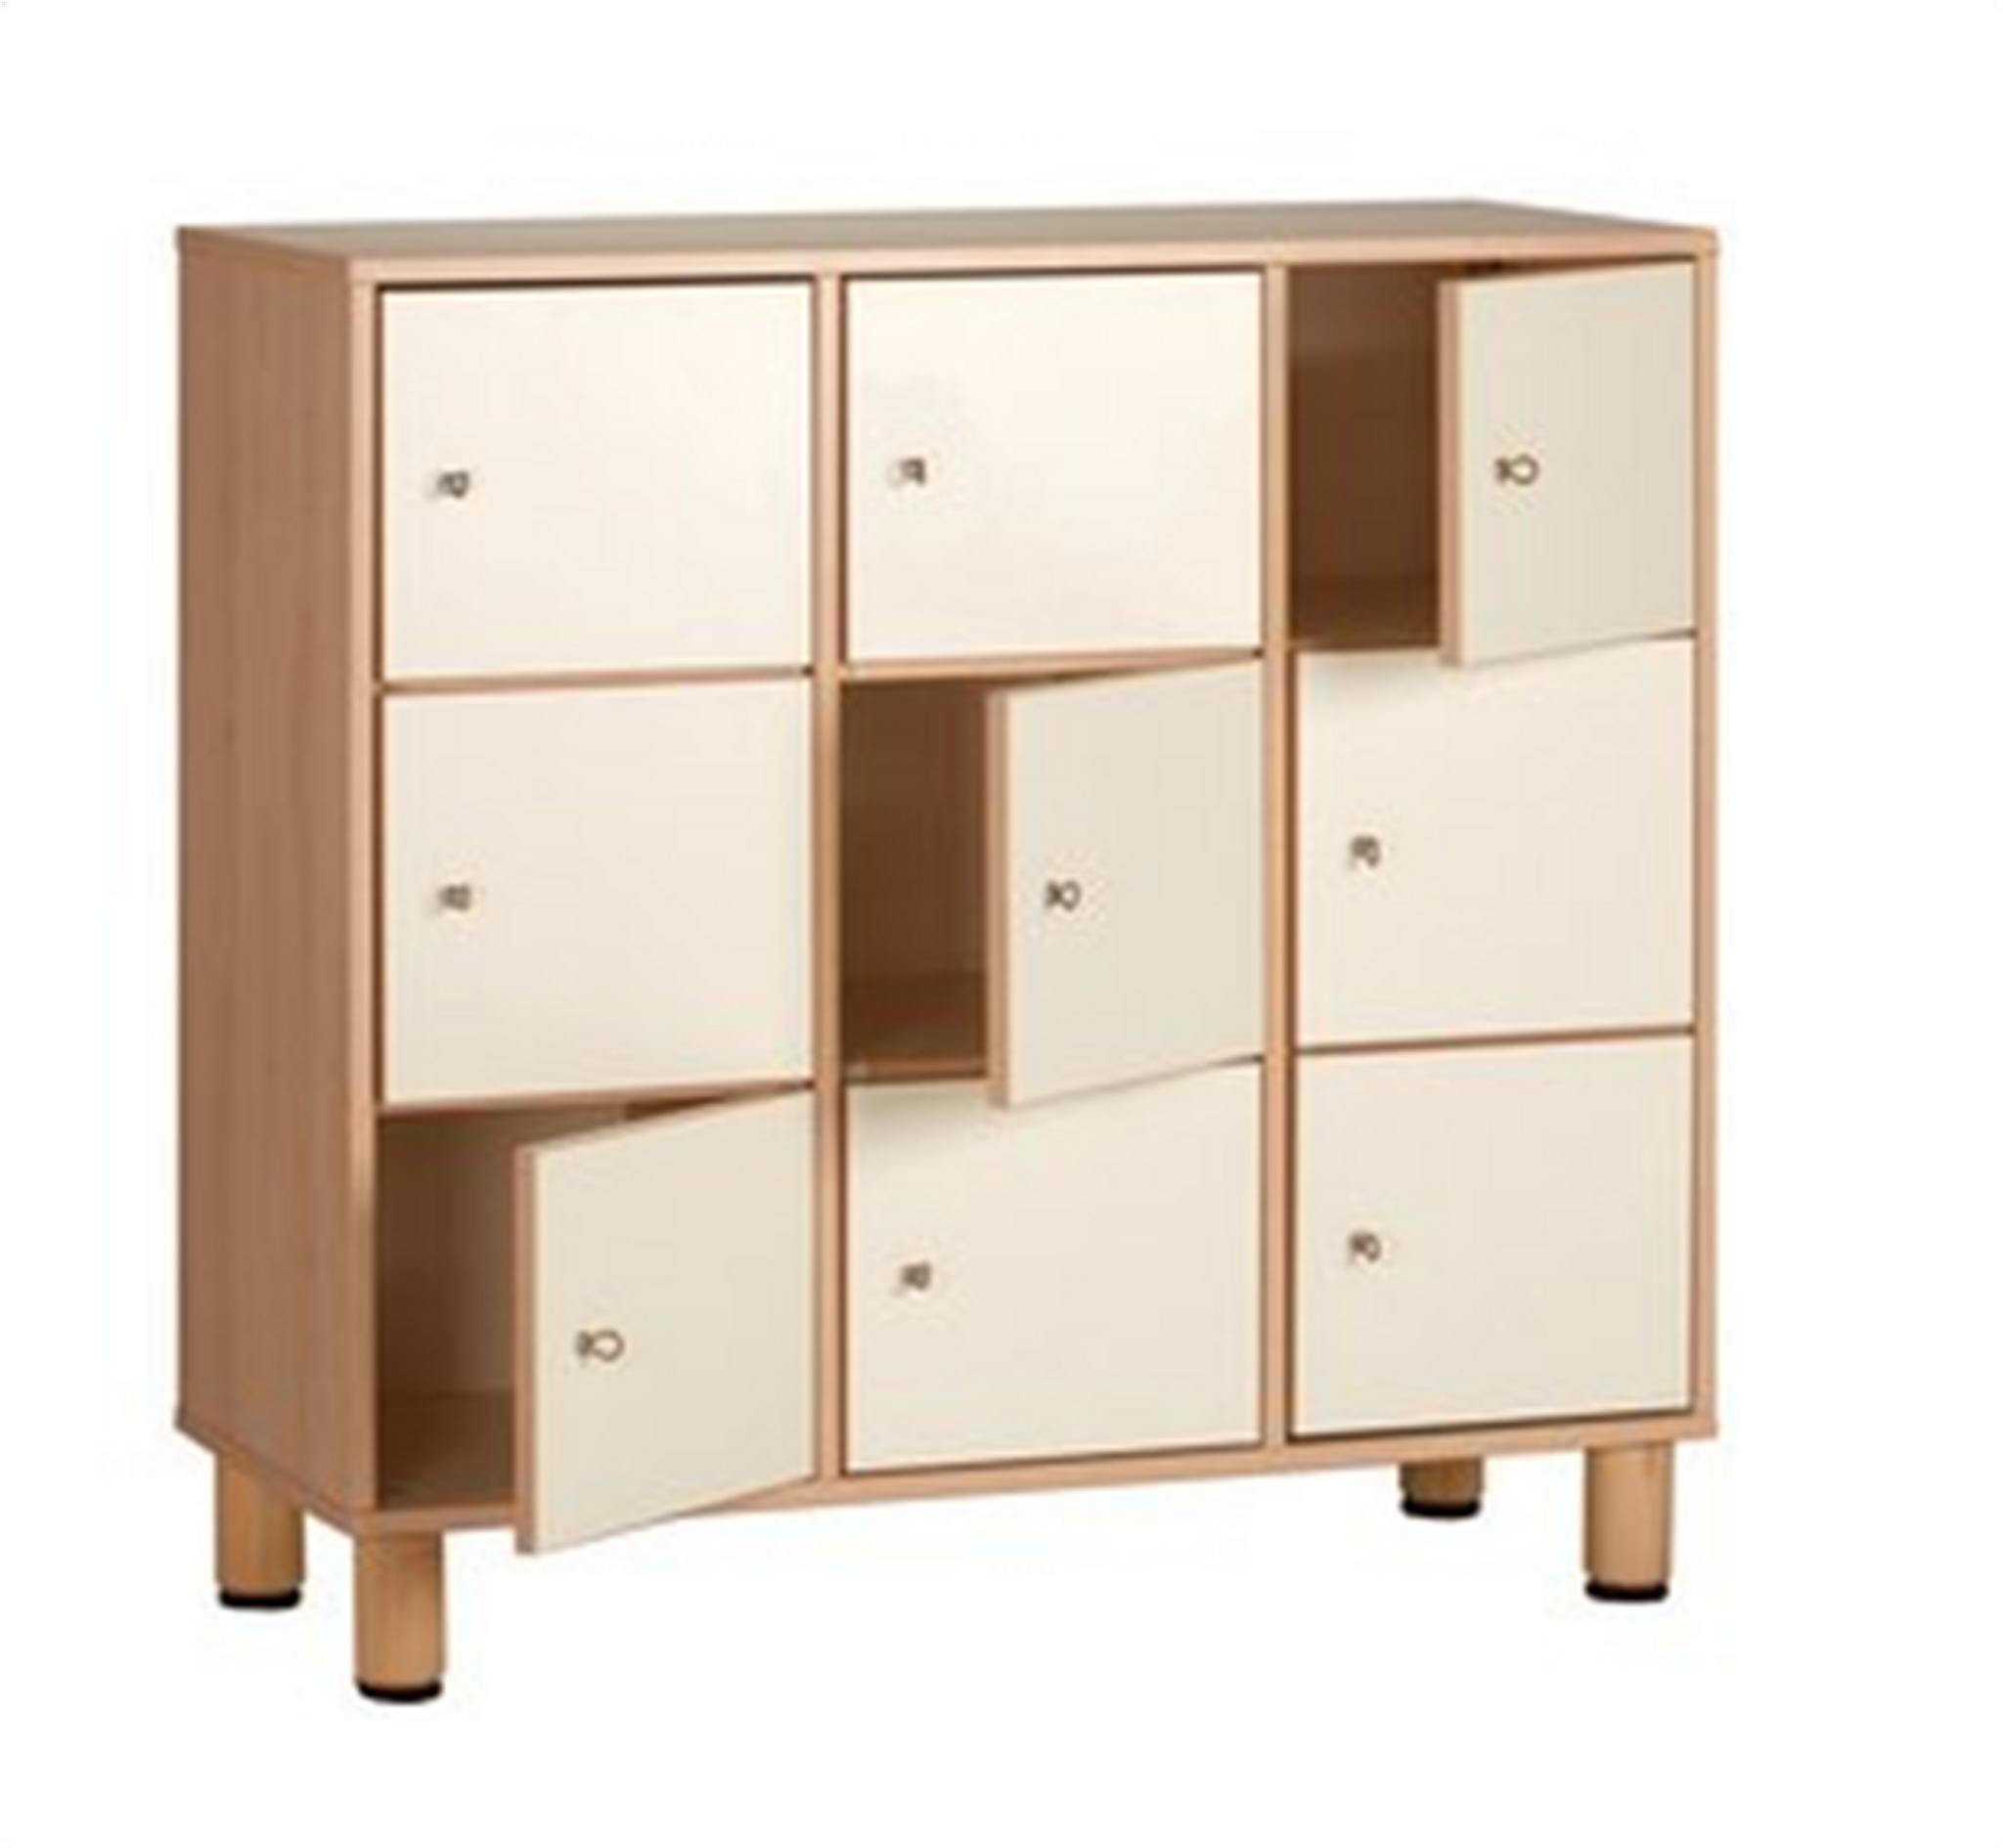 9 door dressing cabinet 105x41x100cmH